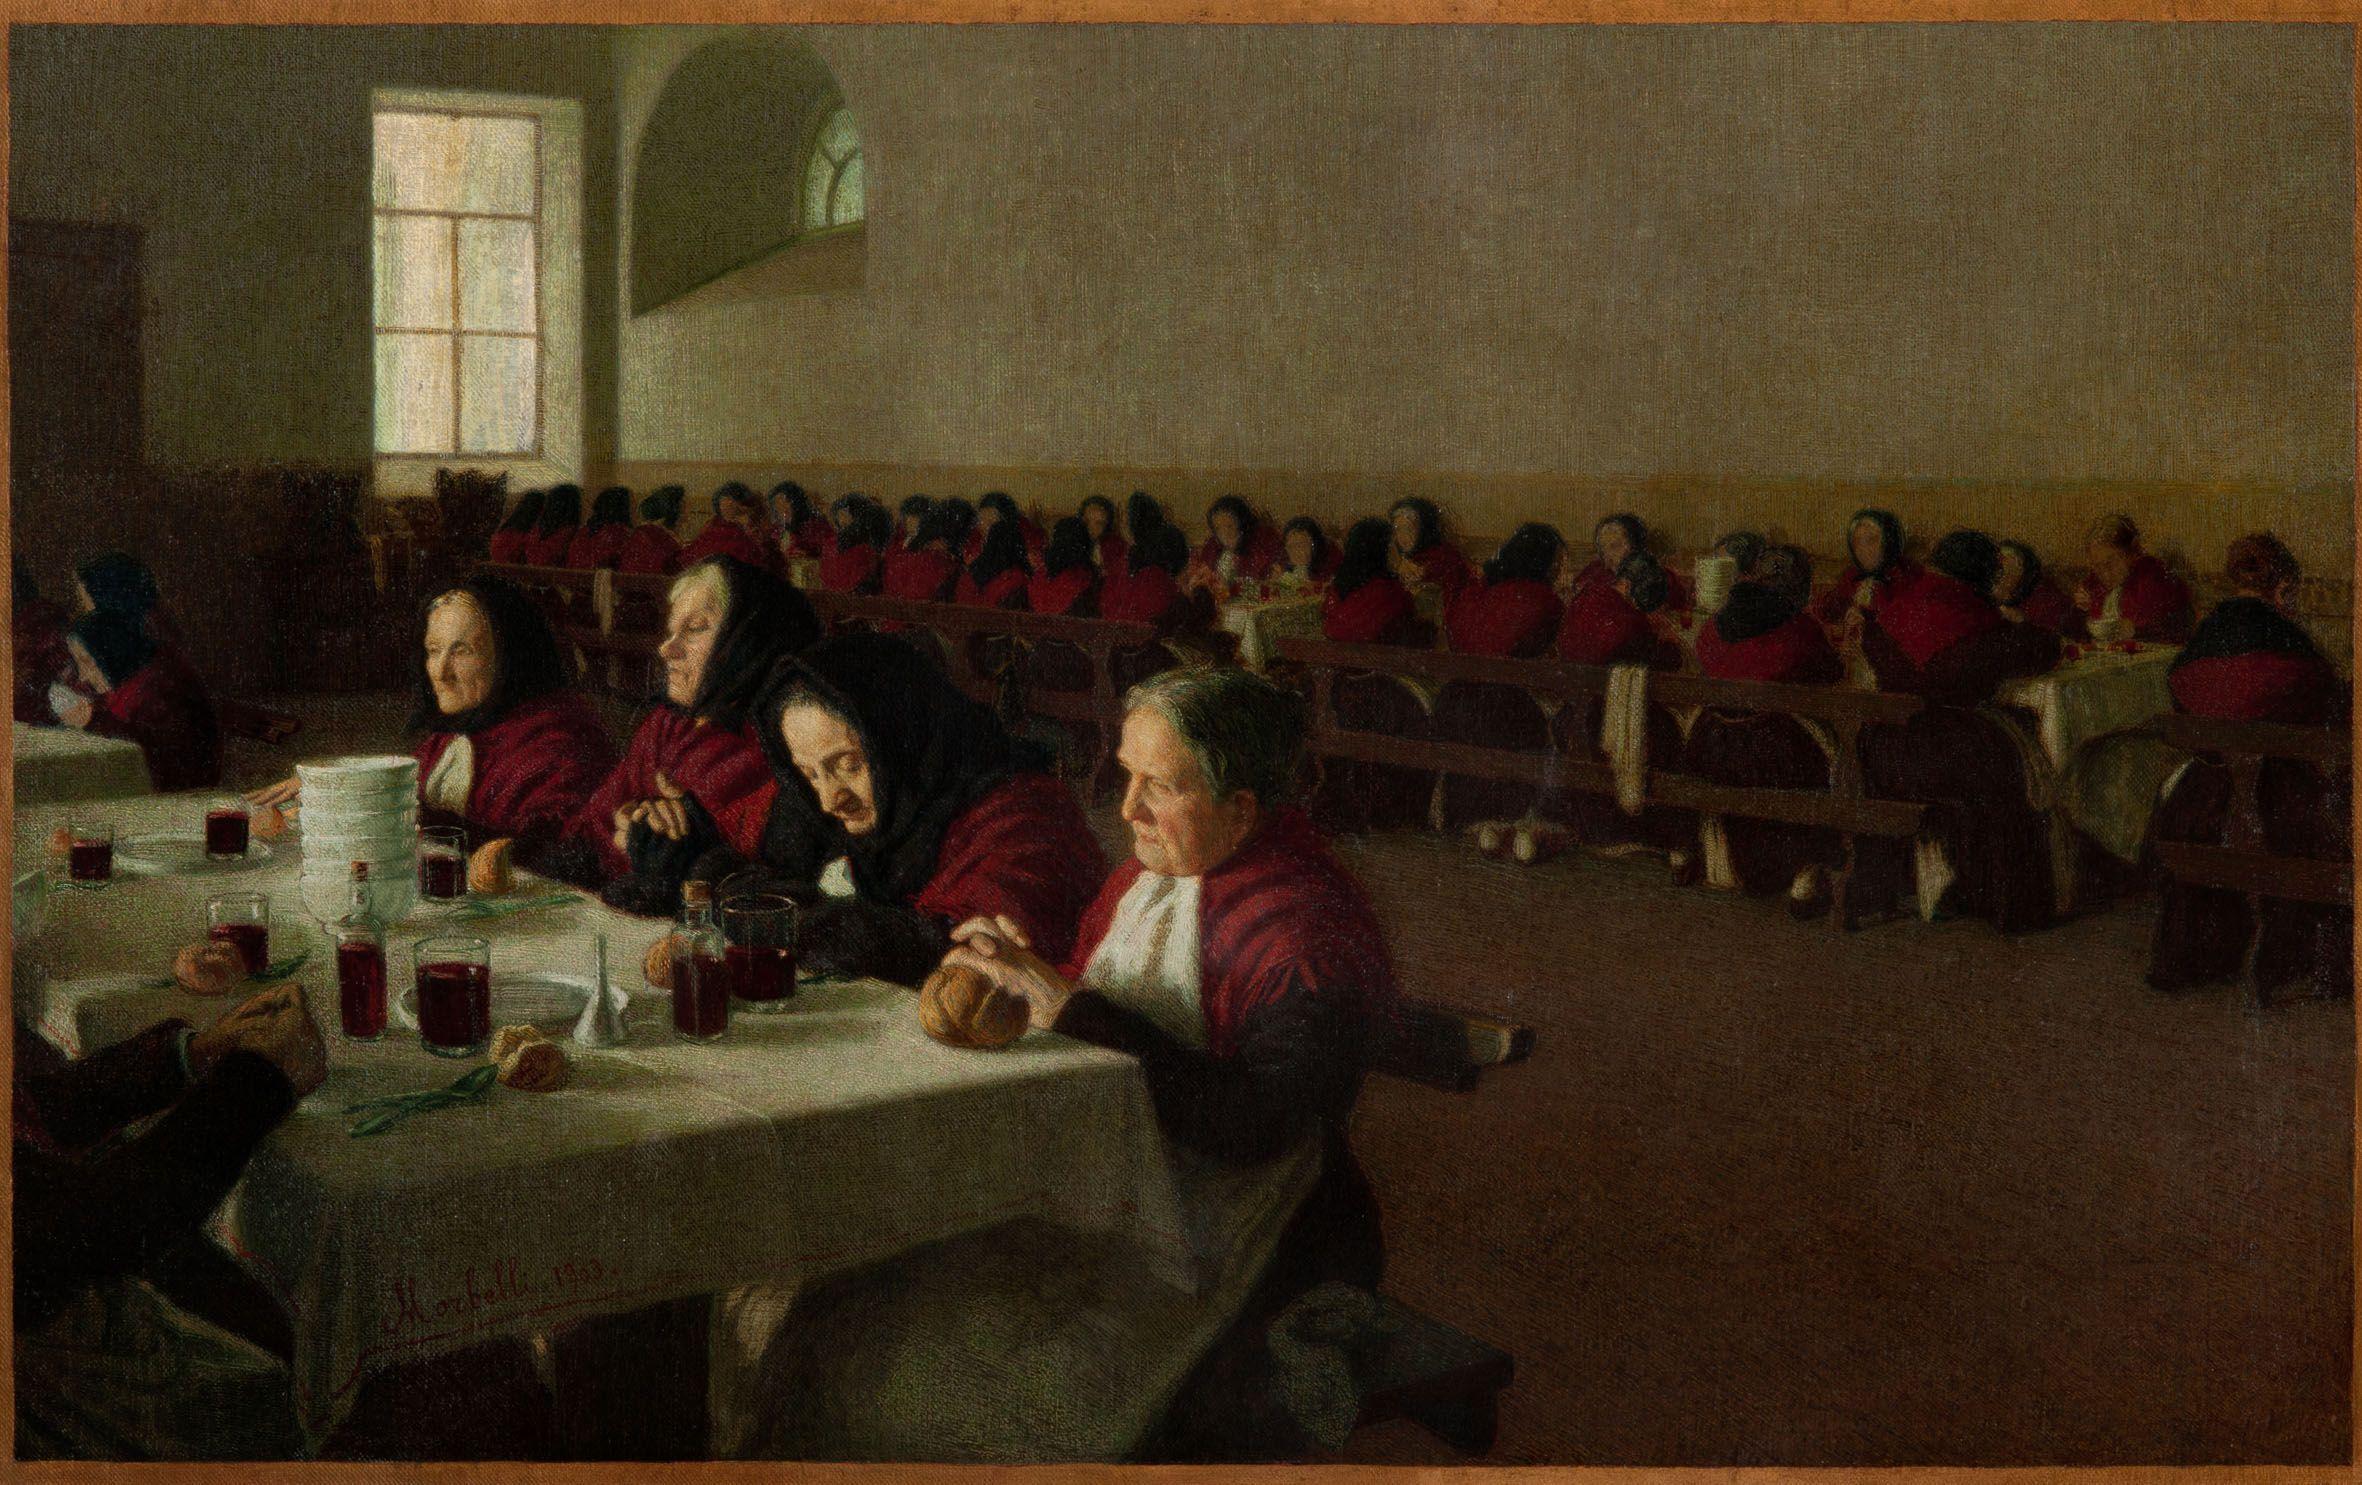 Angelo Morbelli - Mi ricordo quand'ero fanciulla (Entremets) - 1903 - Pinacoteca Fondazione Cassa di Risparmio di Tortona